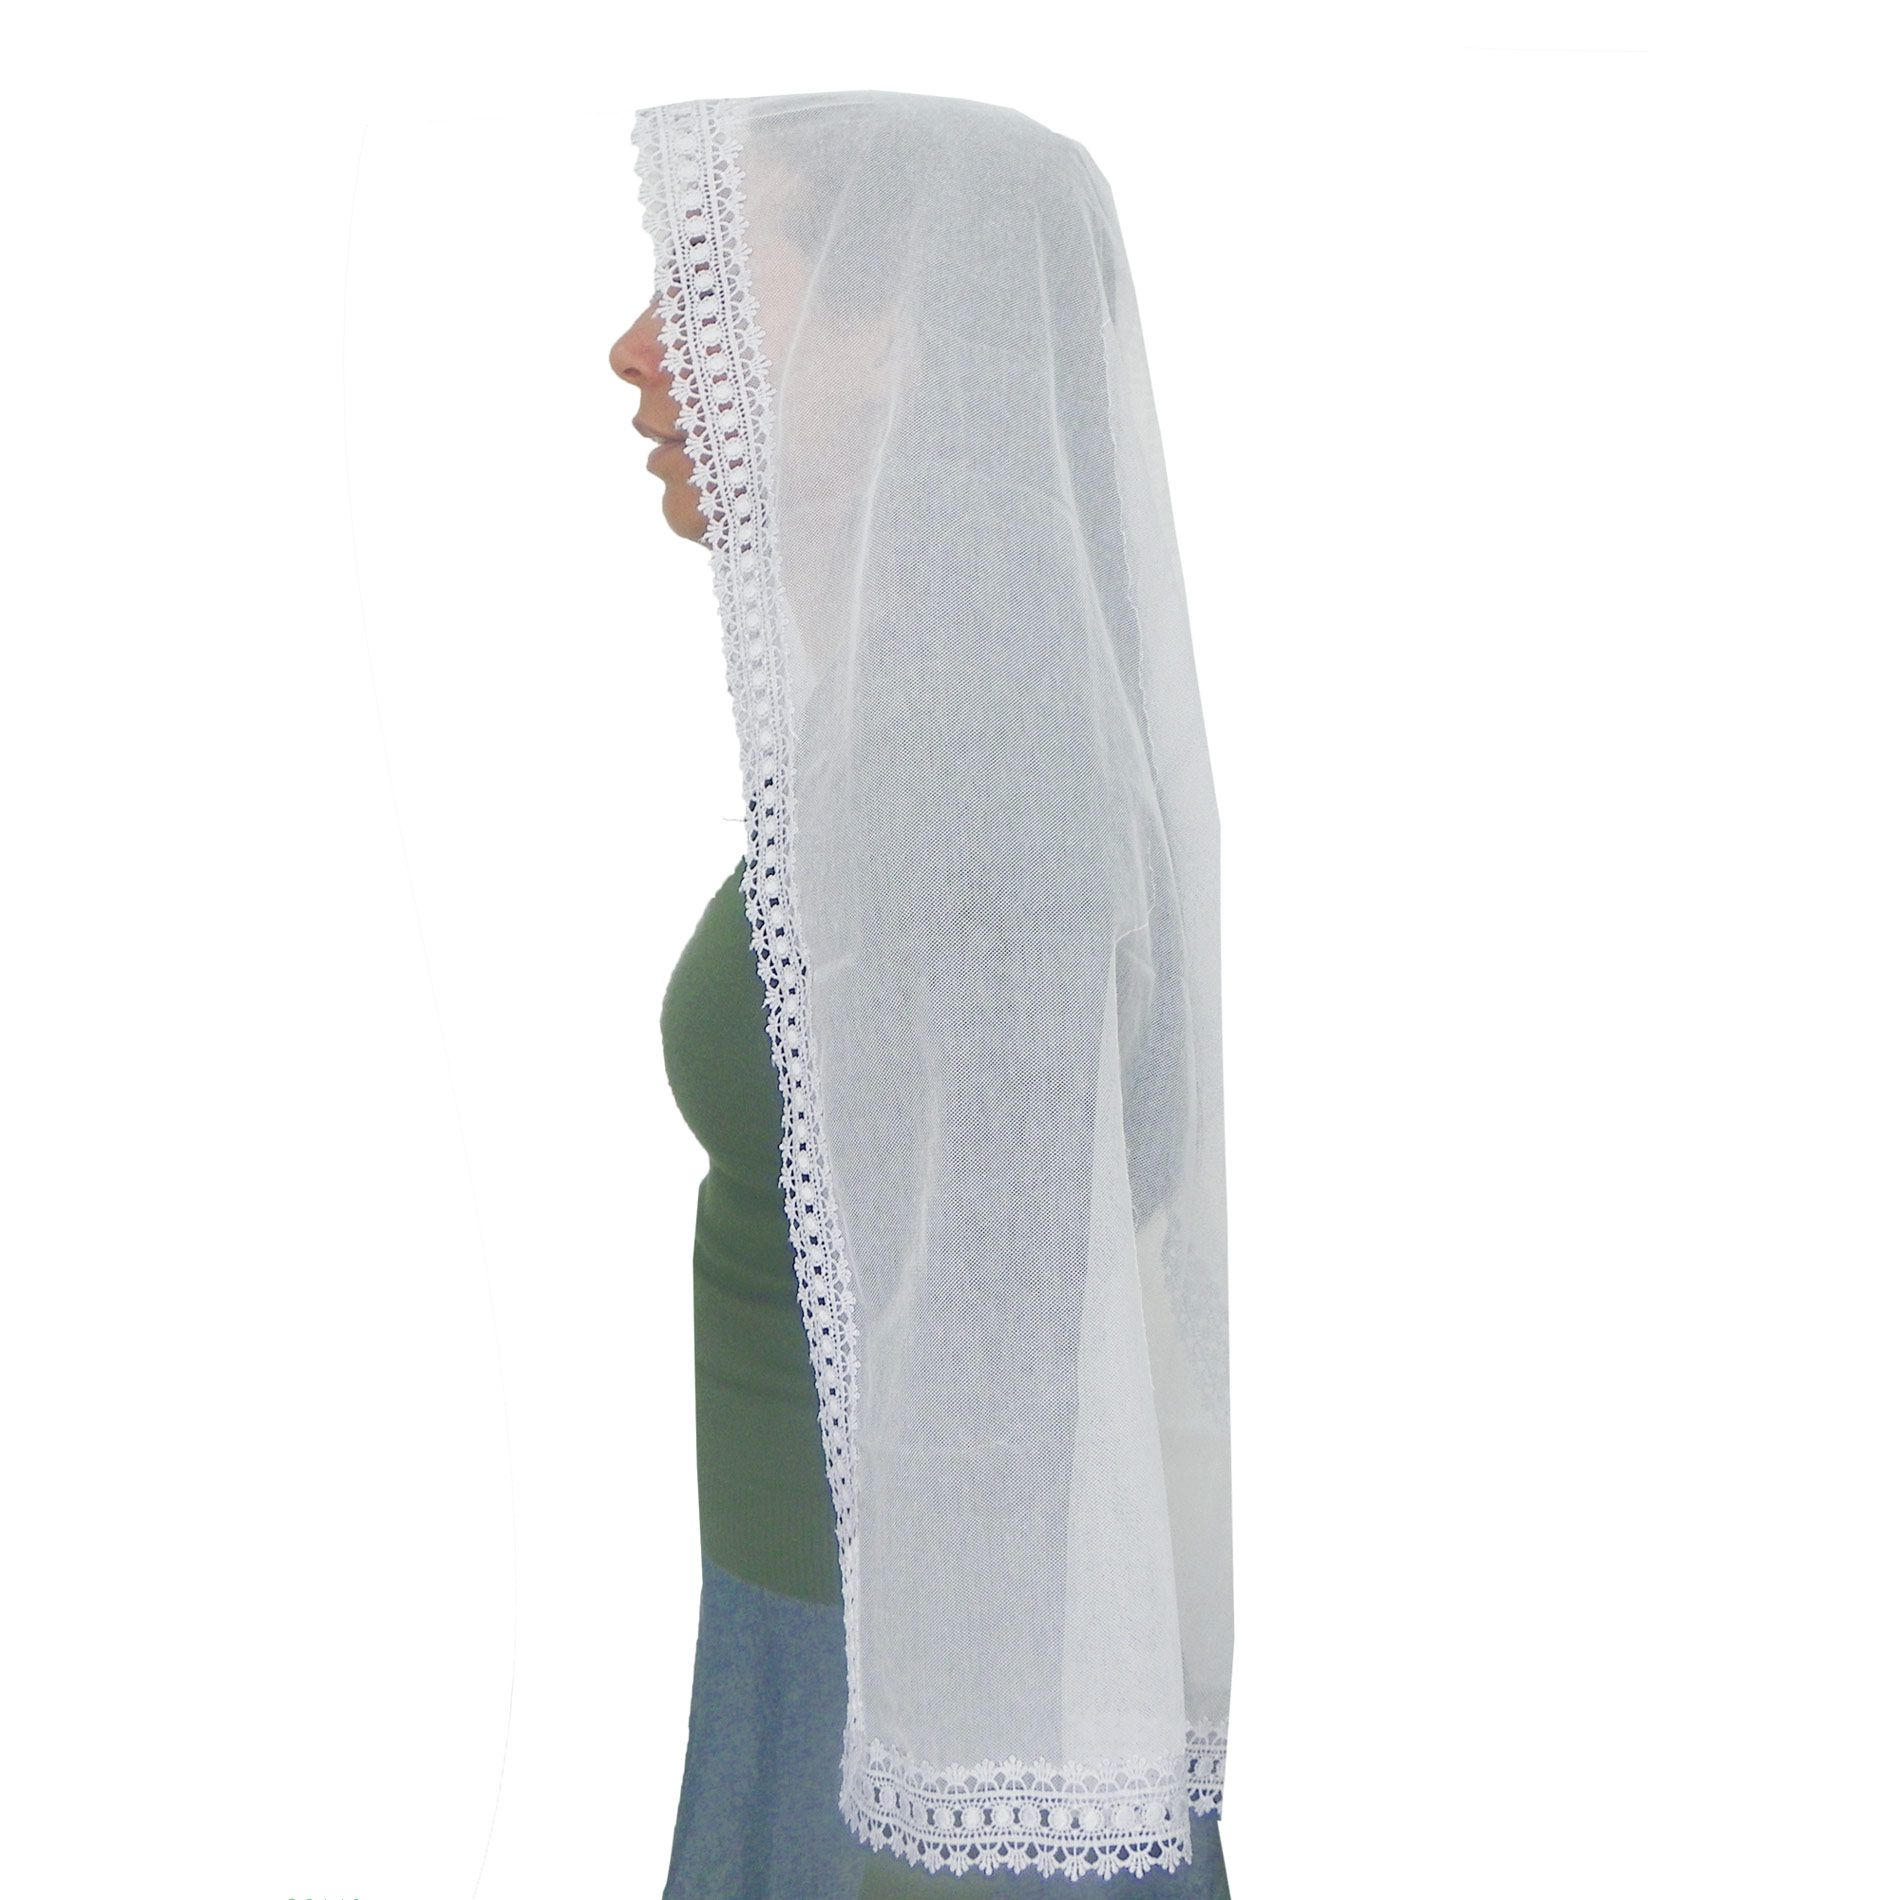 Véu CCB Tecido de Algodão Filó Renda CHL-618